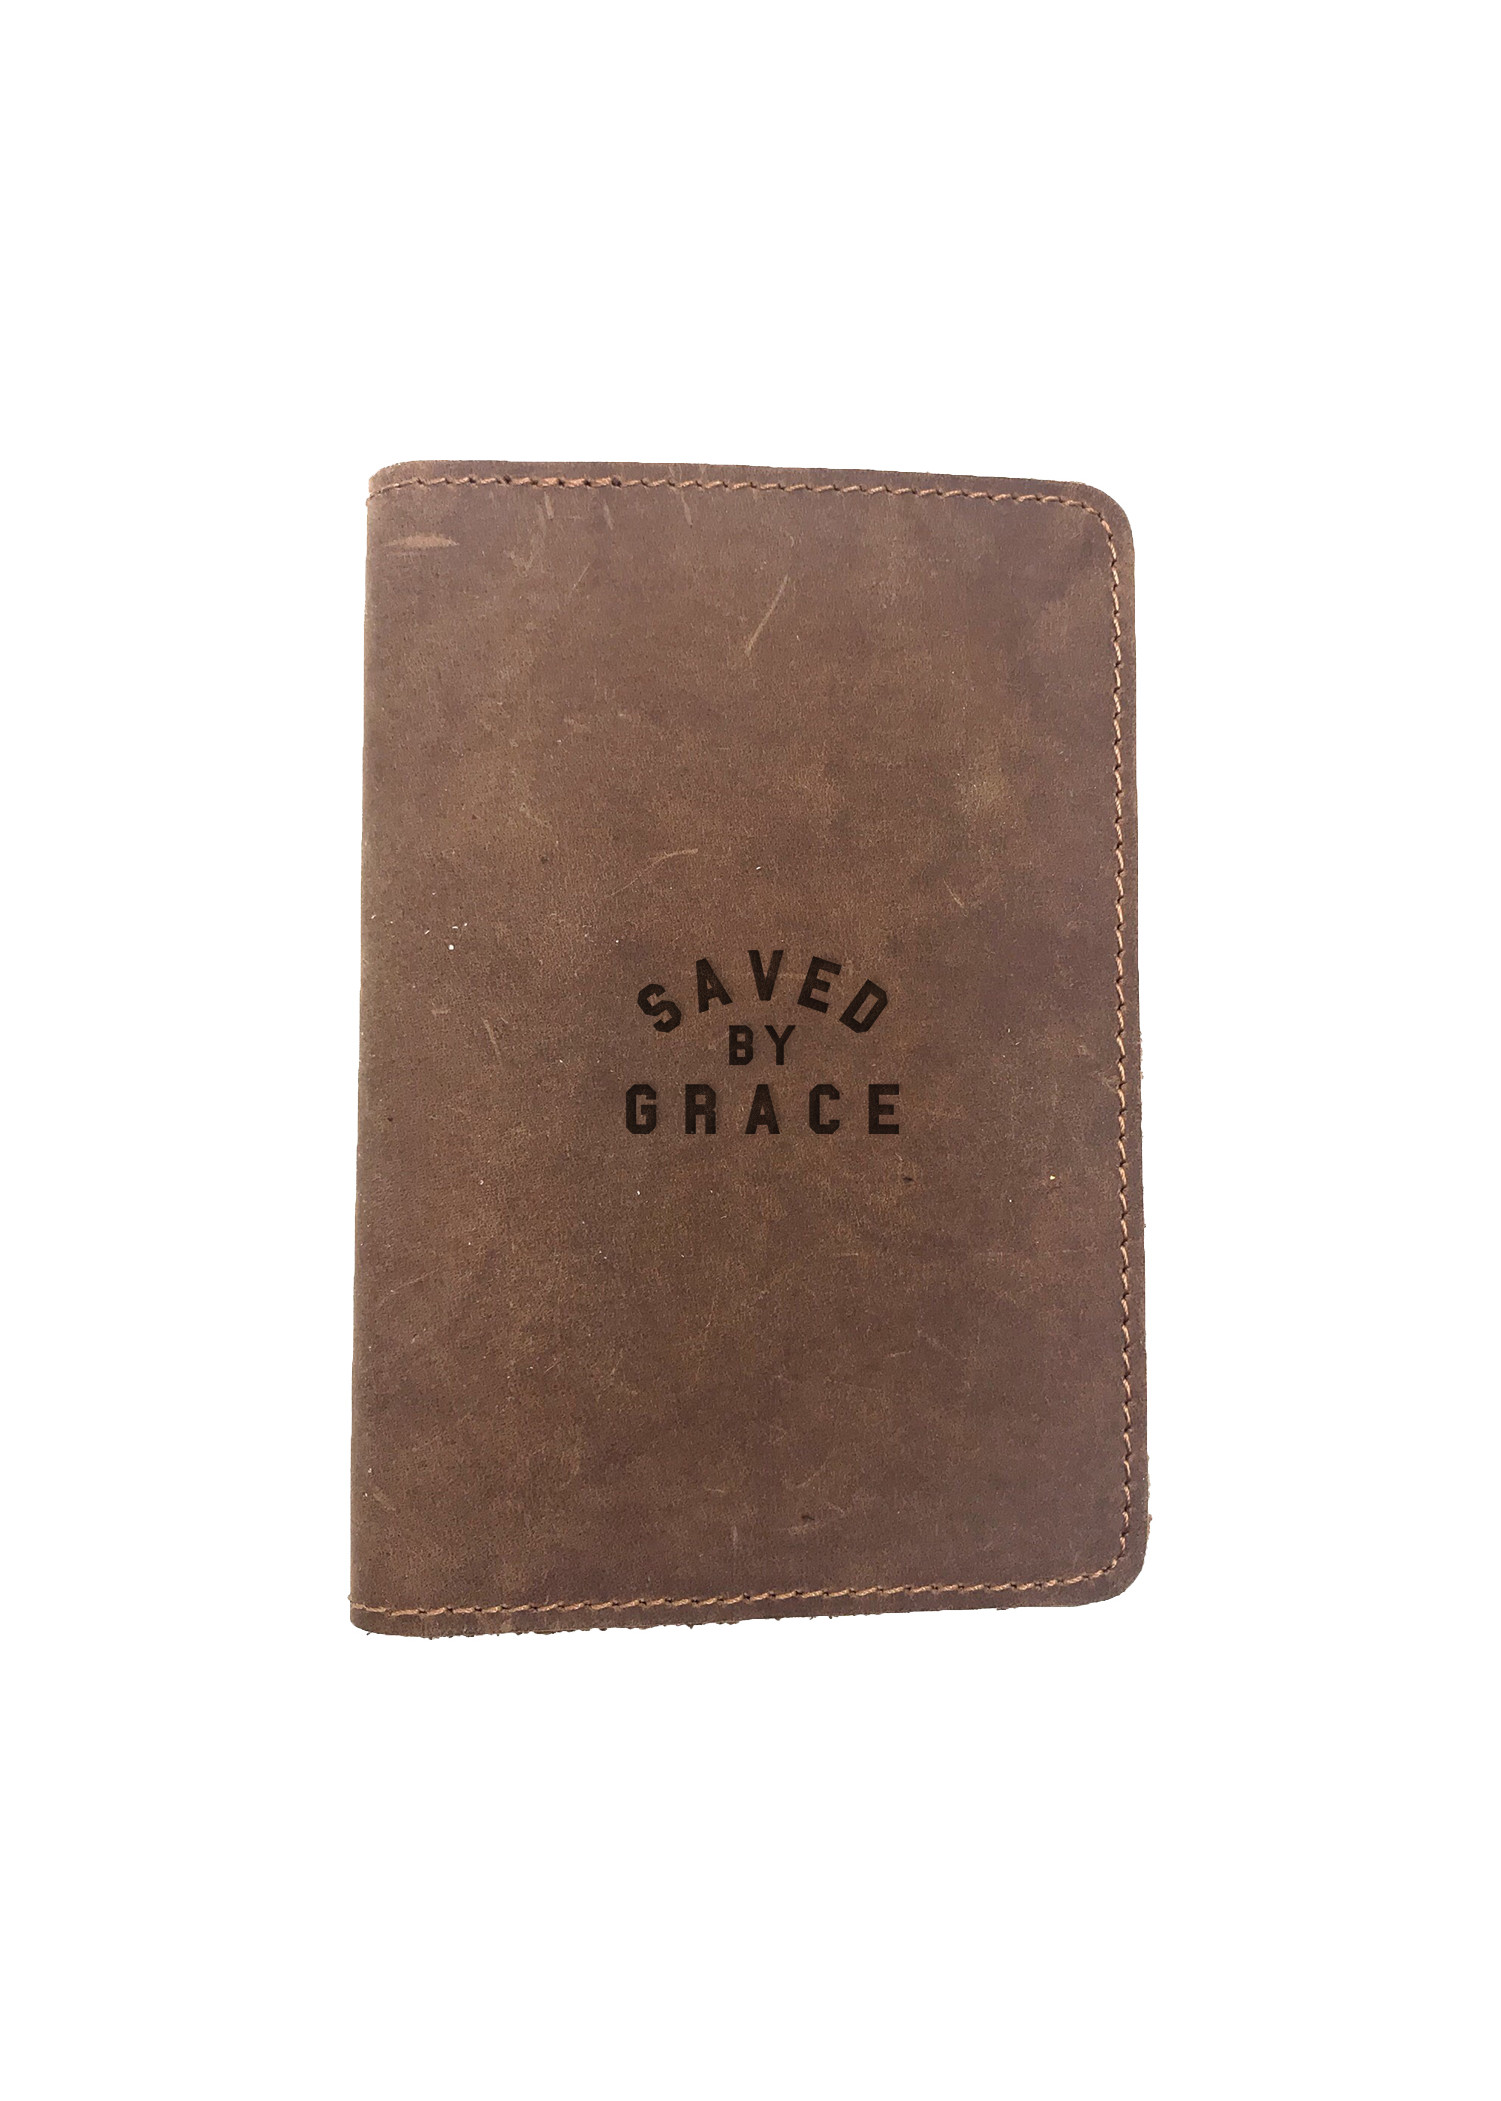 Passport Cover Bao Da Hộ Chiếu Da Sáp Khắc Hình Chữ CHRISTIAN SAVED BY GRACE (BROWN)